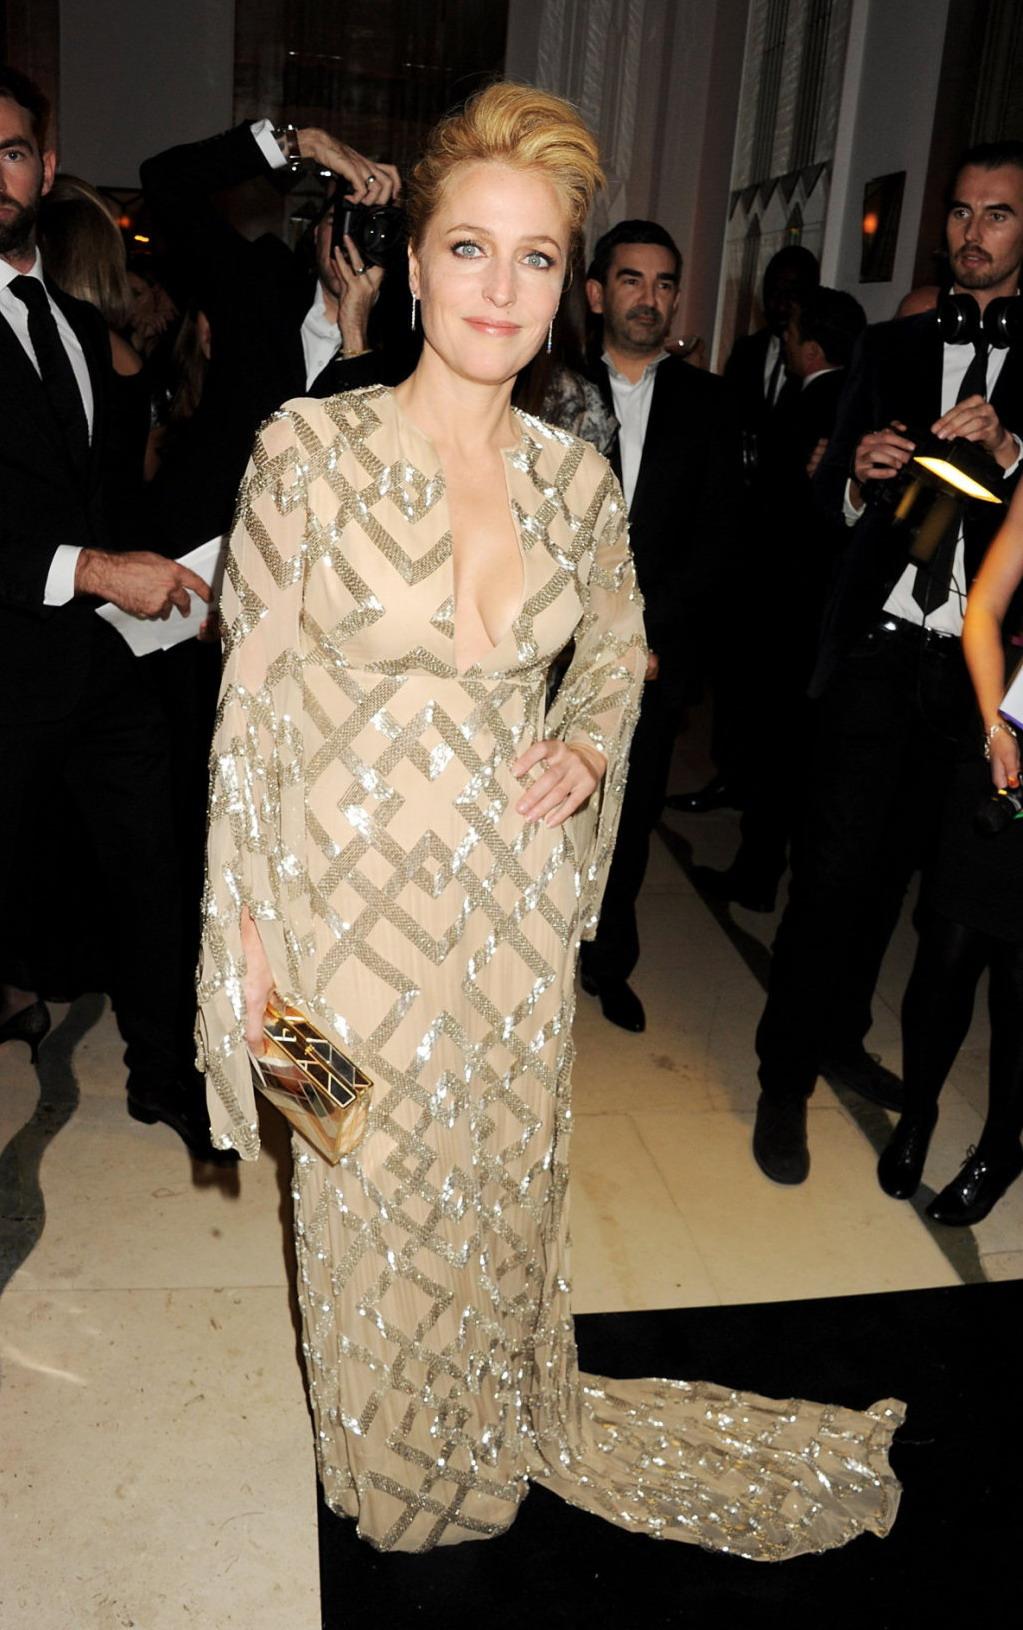 Gillian Anderson  Harper's Bazaar Women of the Year Awards in London - October 31, 2012